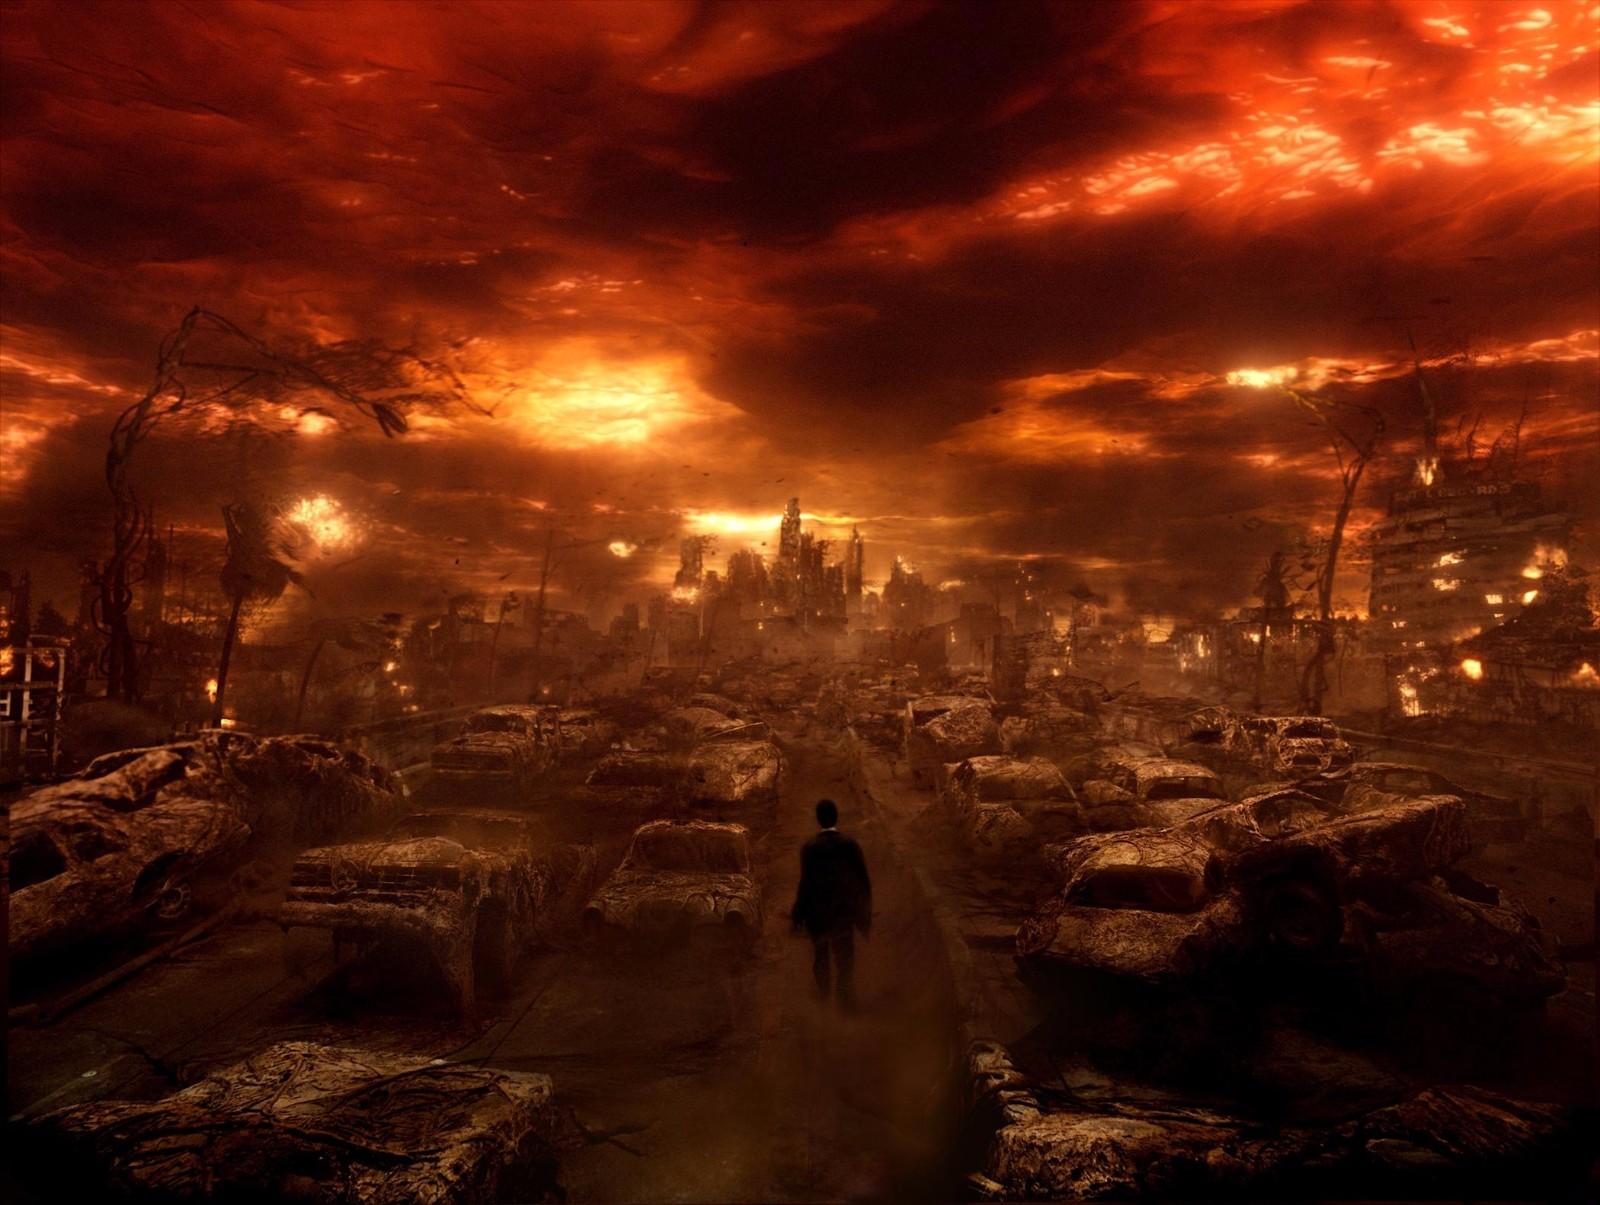 圣经中的地狱观-刘志雄